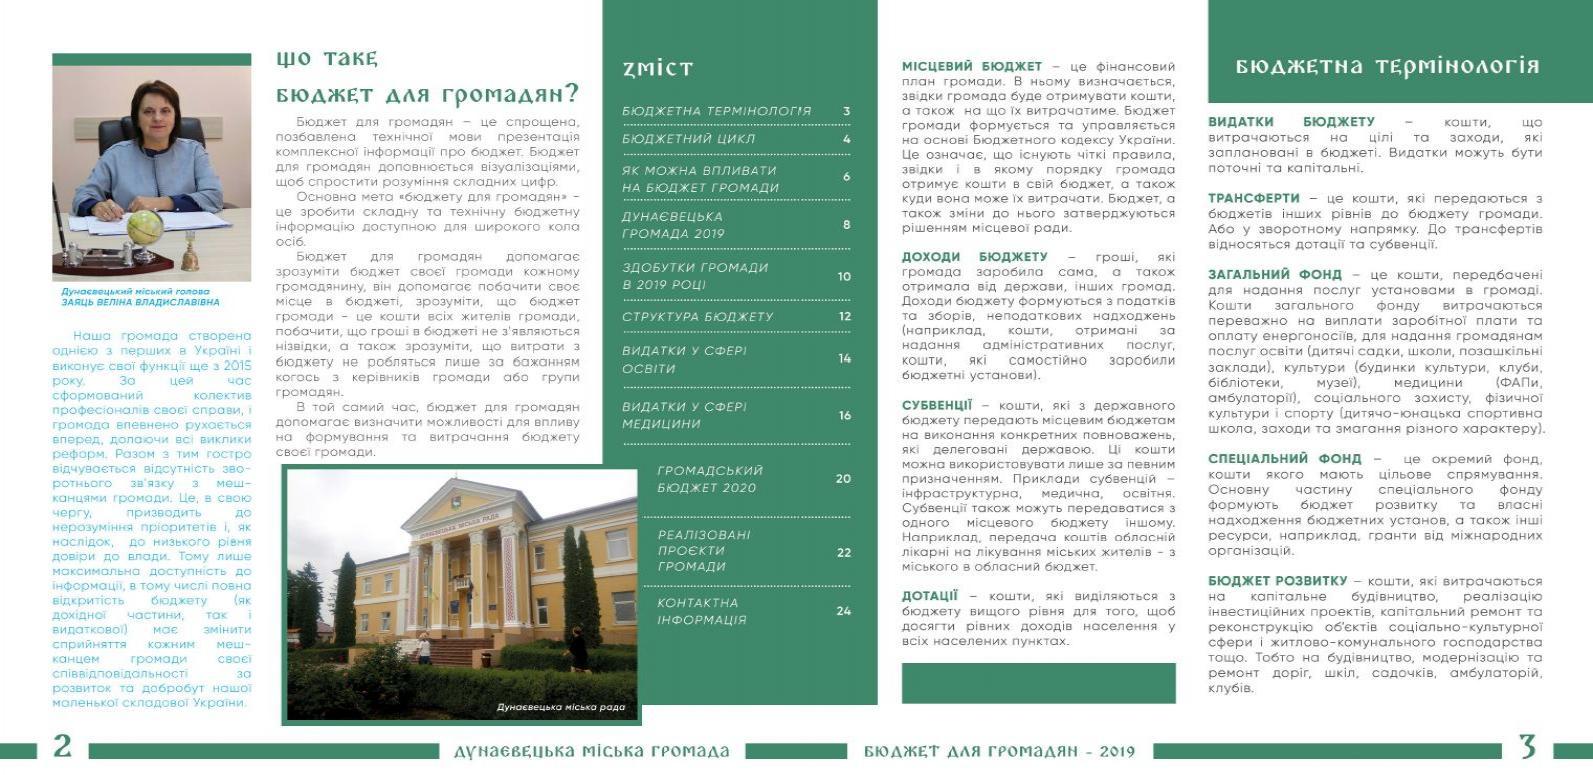 http://dunrada.gov.ua/uploadfile/archive_news/2020/06/26/2020-06-26_9236/images/images-13625.jpg